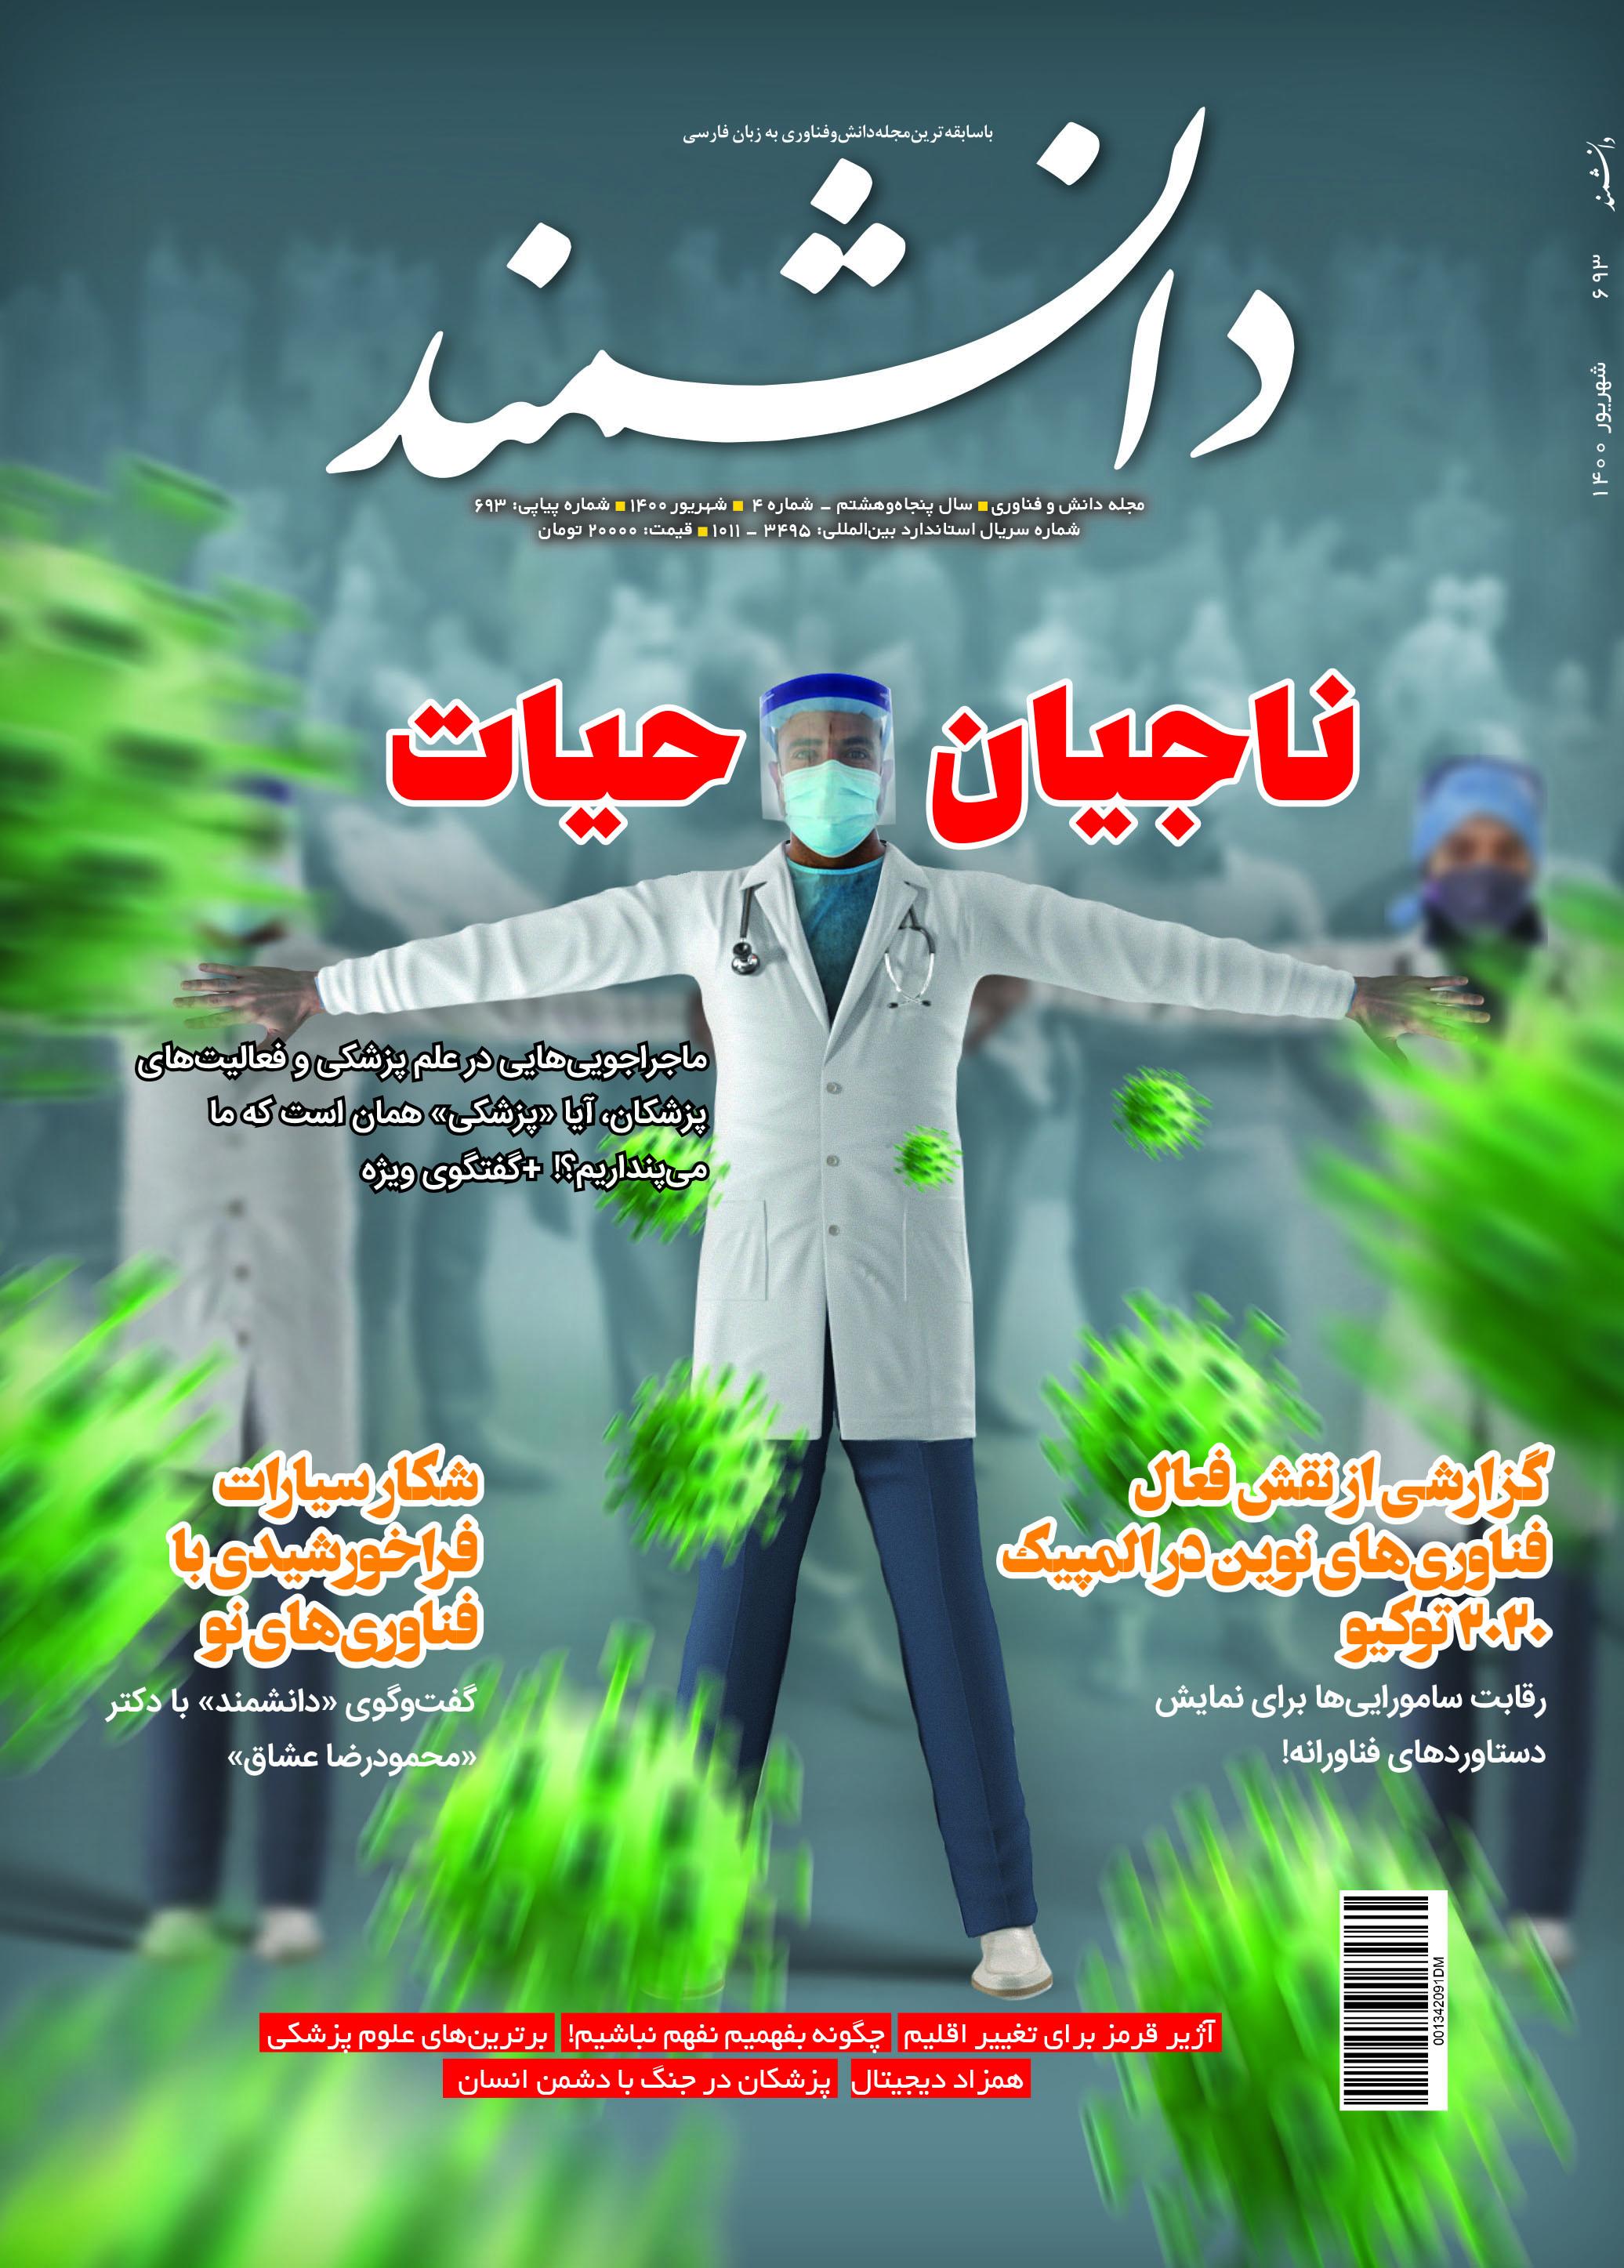 ناجیان حیات؛ شماره شهریورماه 1400 مجله دانشمند منتشر شد